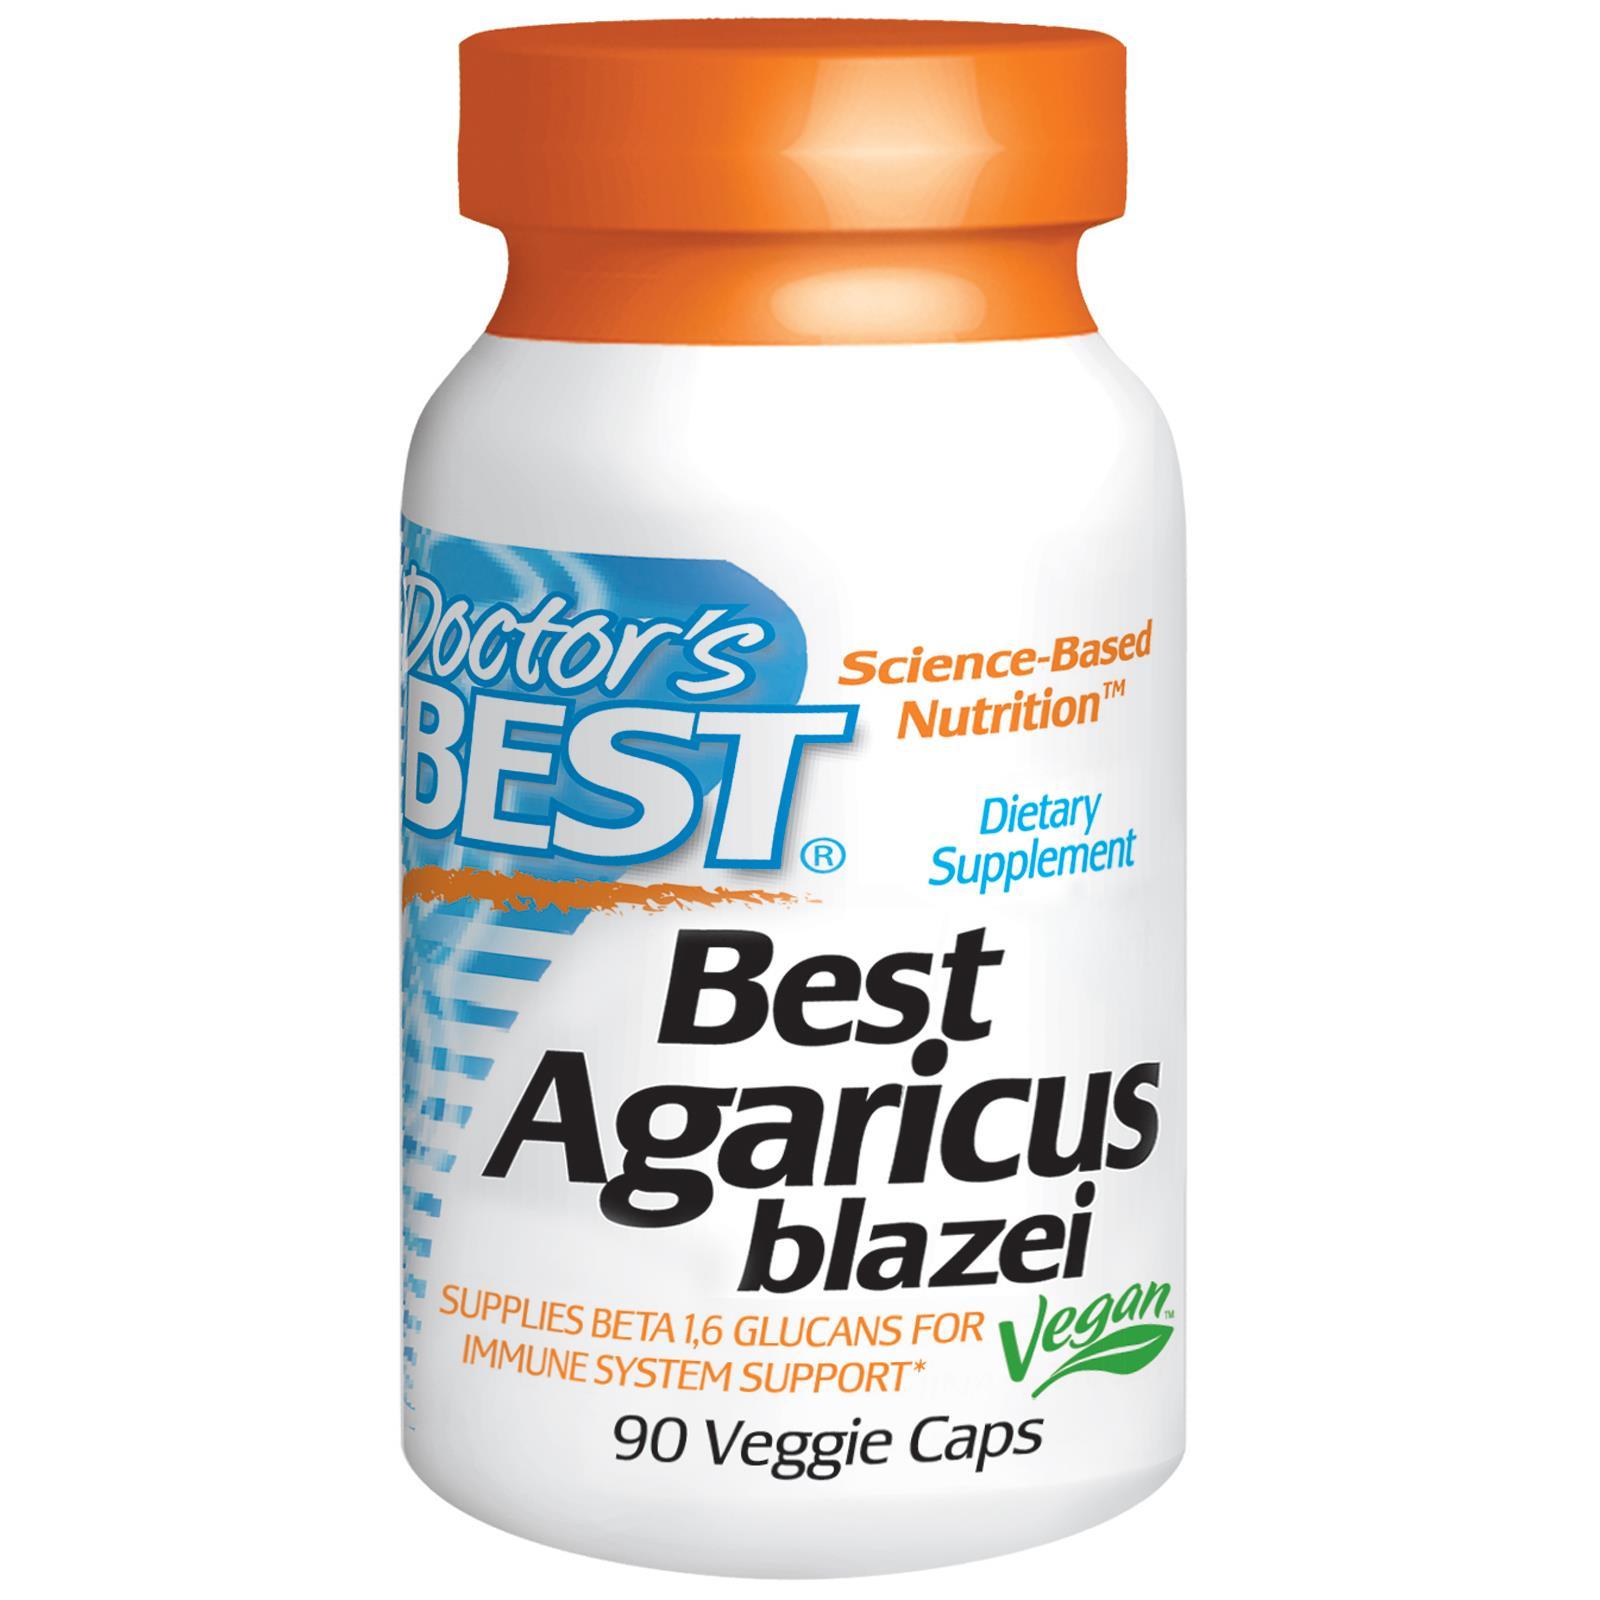 Doctor's Best Agaricus Blazei - Tăng Sức Đề Kháng, Tăng Cường Hệ Miễn Dịch.